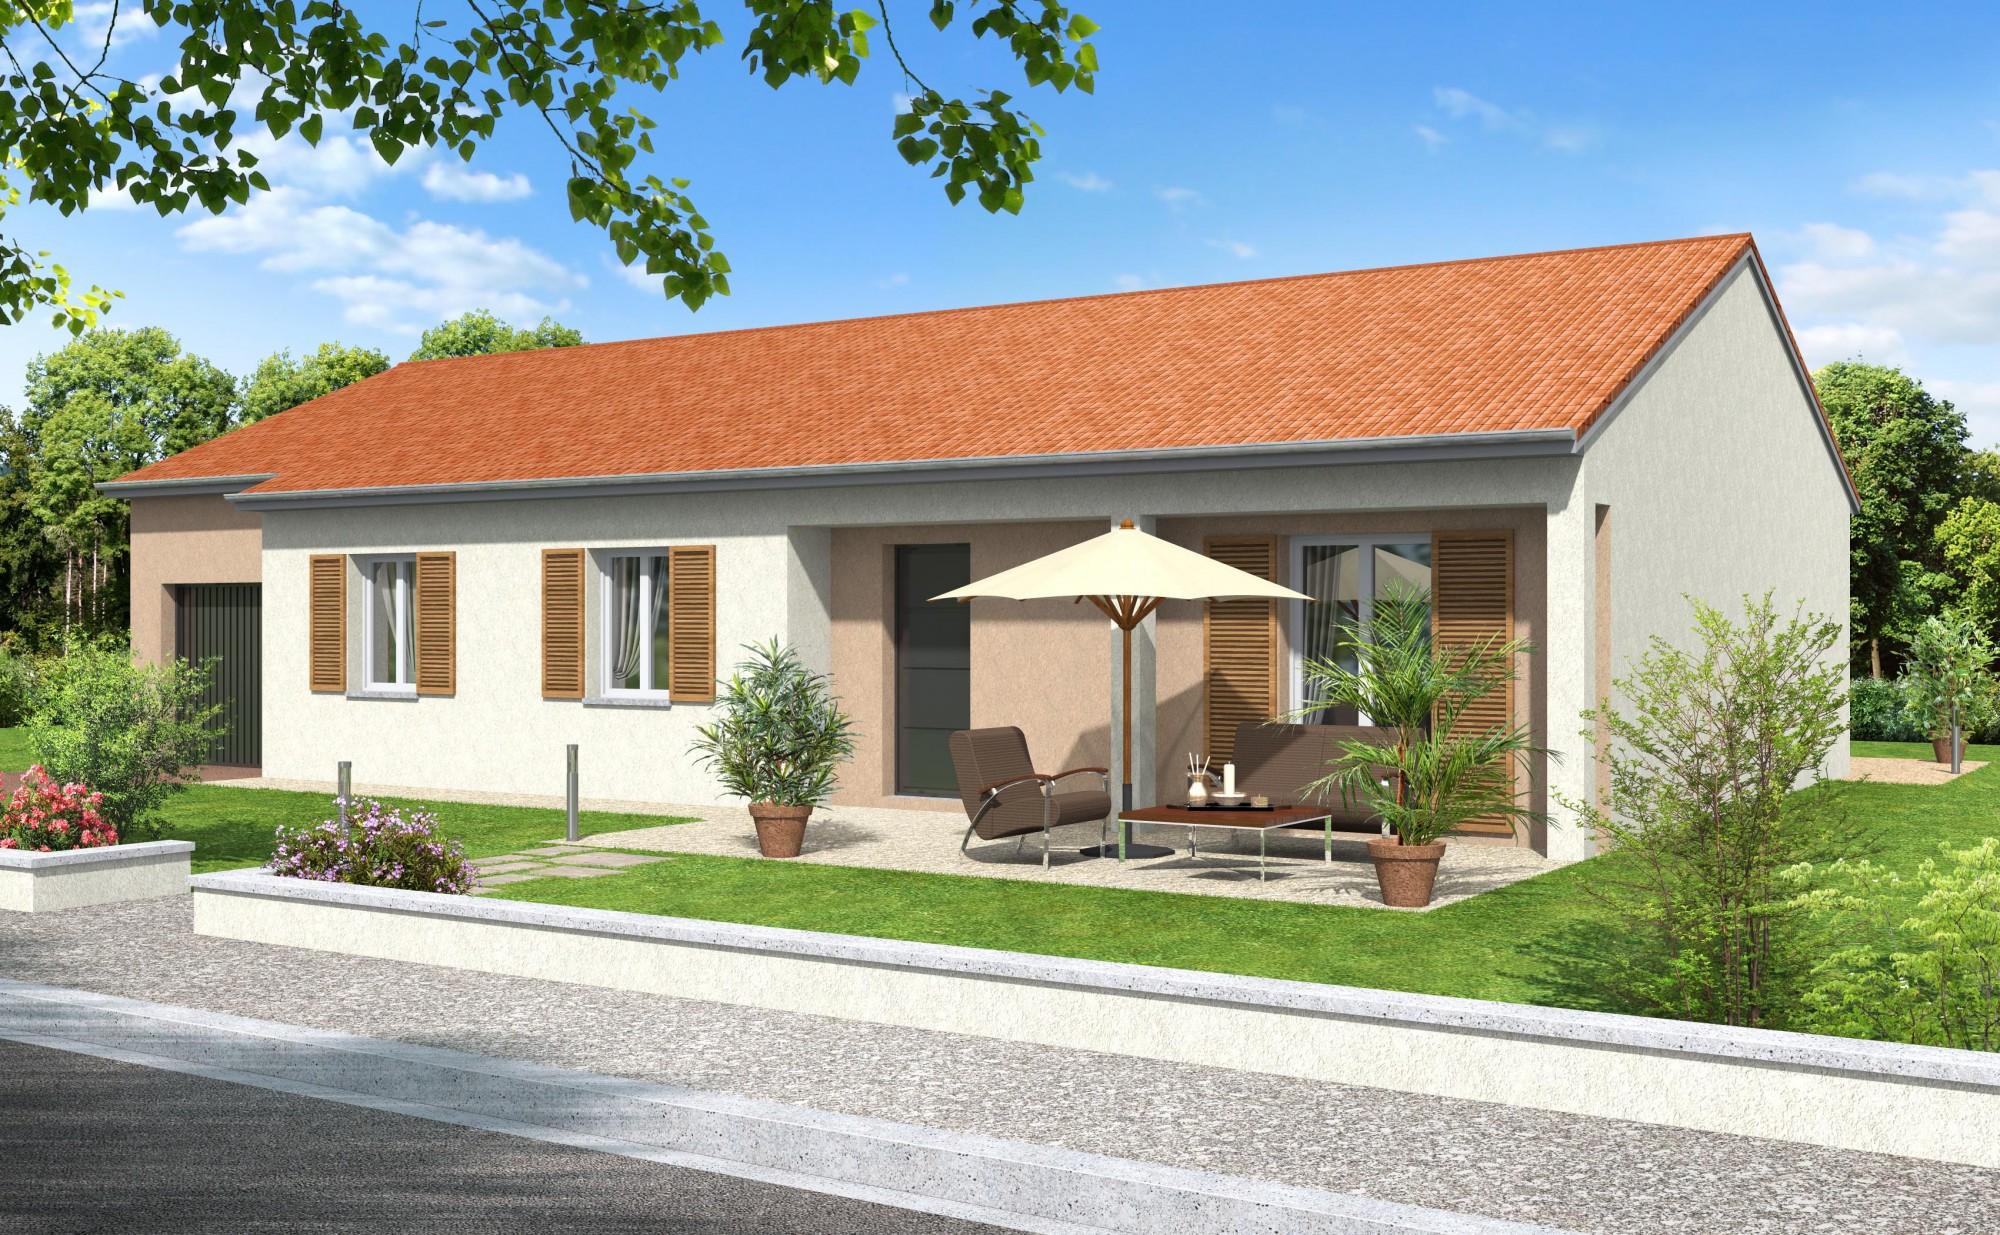 Construire sa maison maison fran ois fabie for Construire sa maison sur un terrain agricole